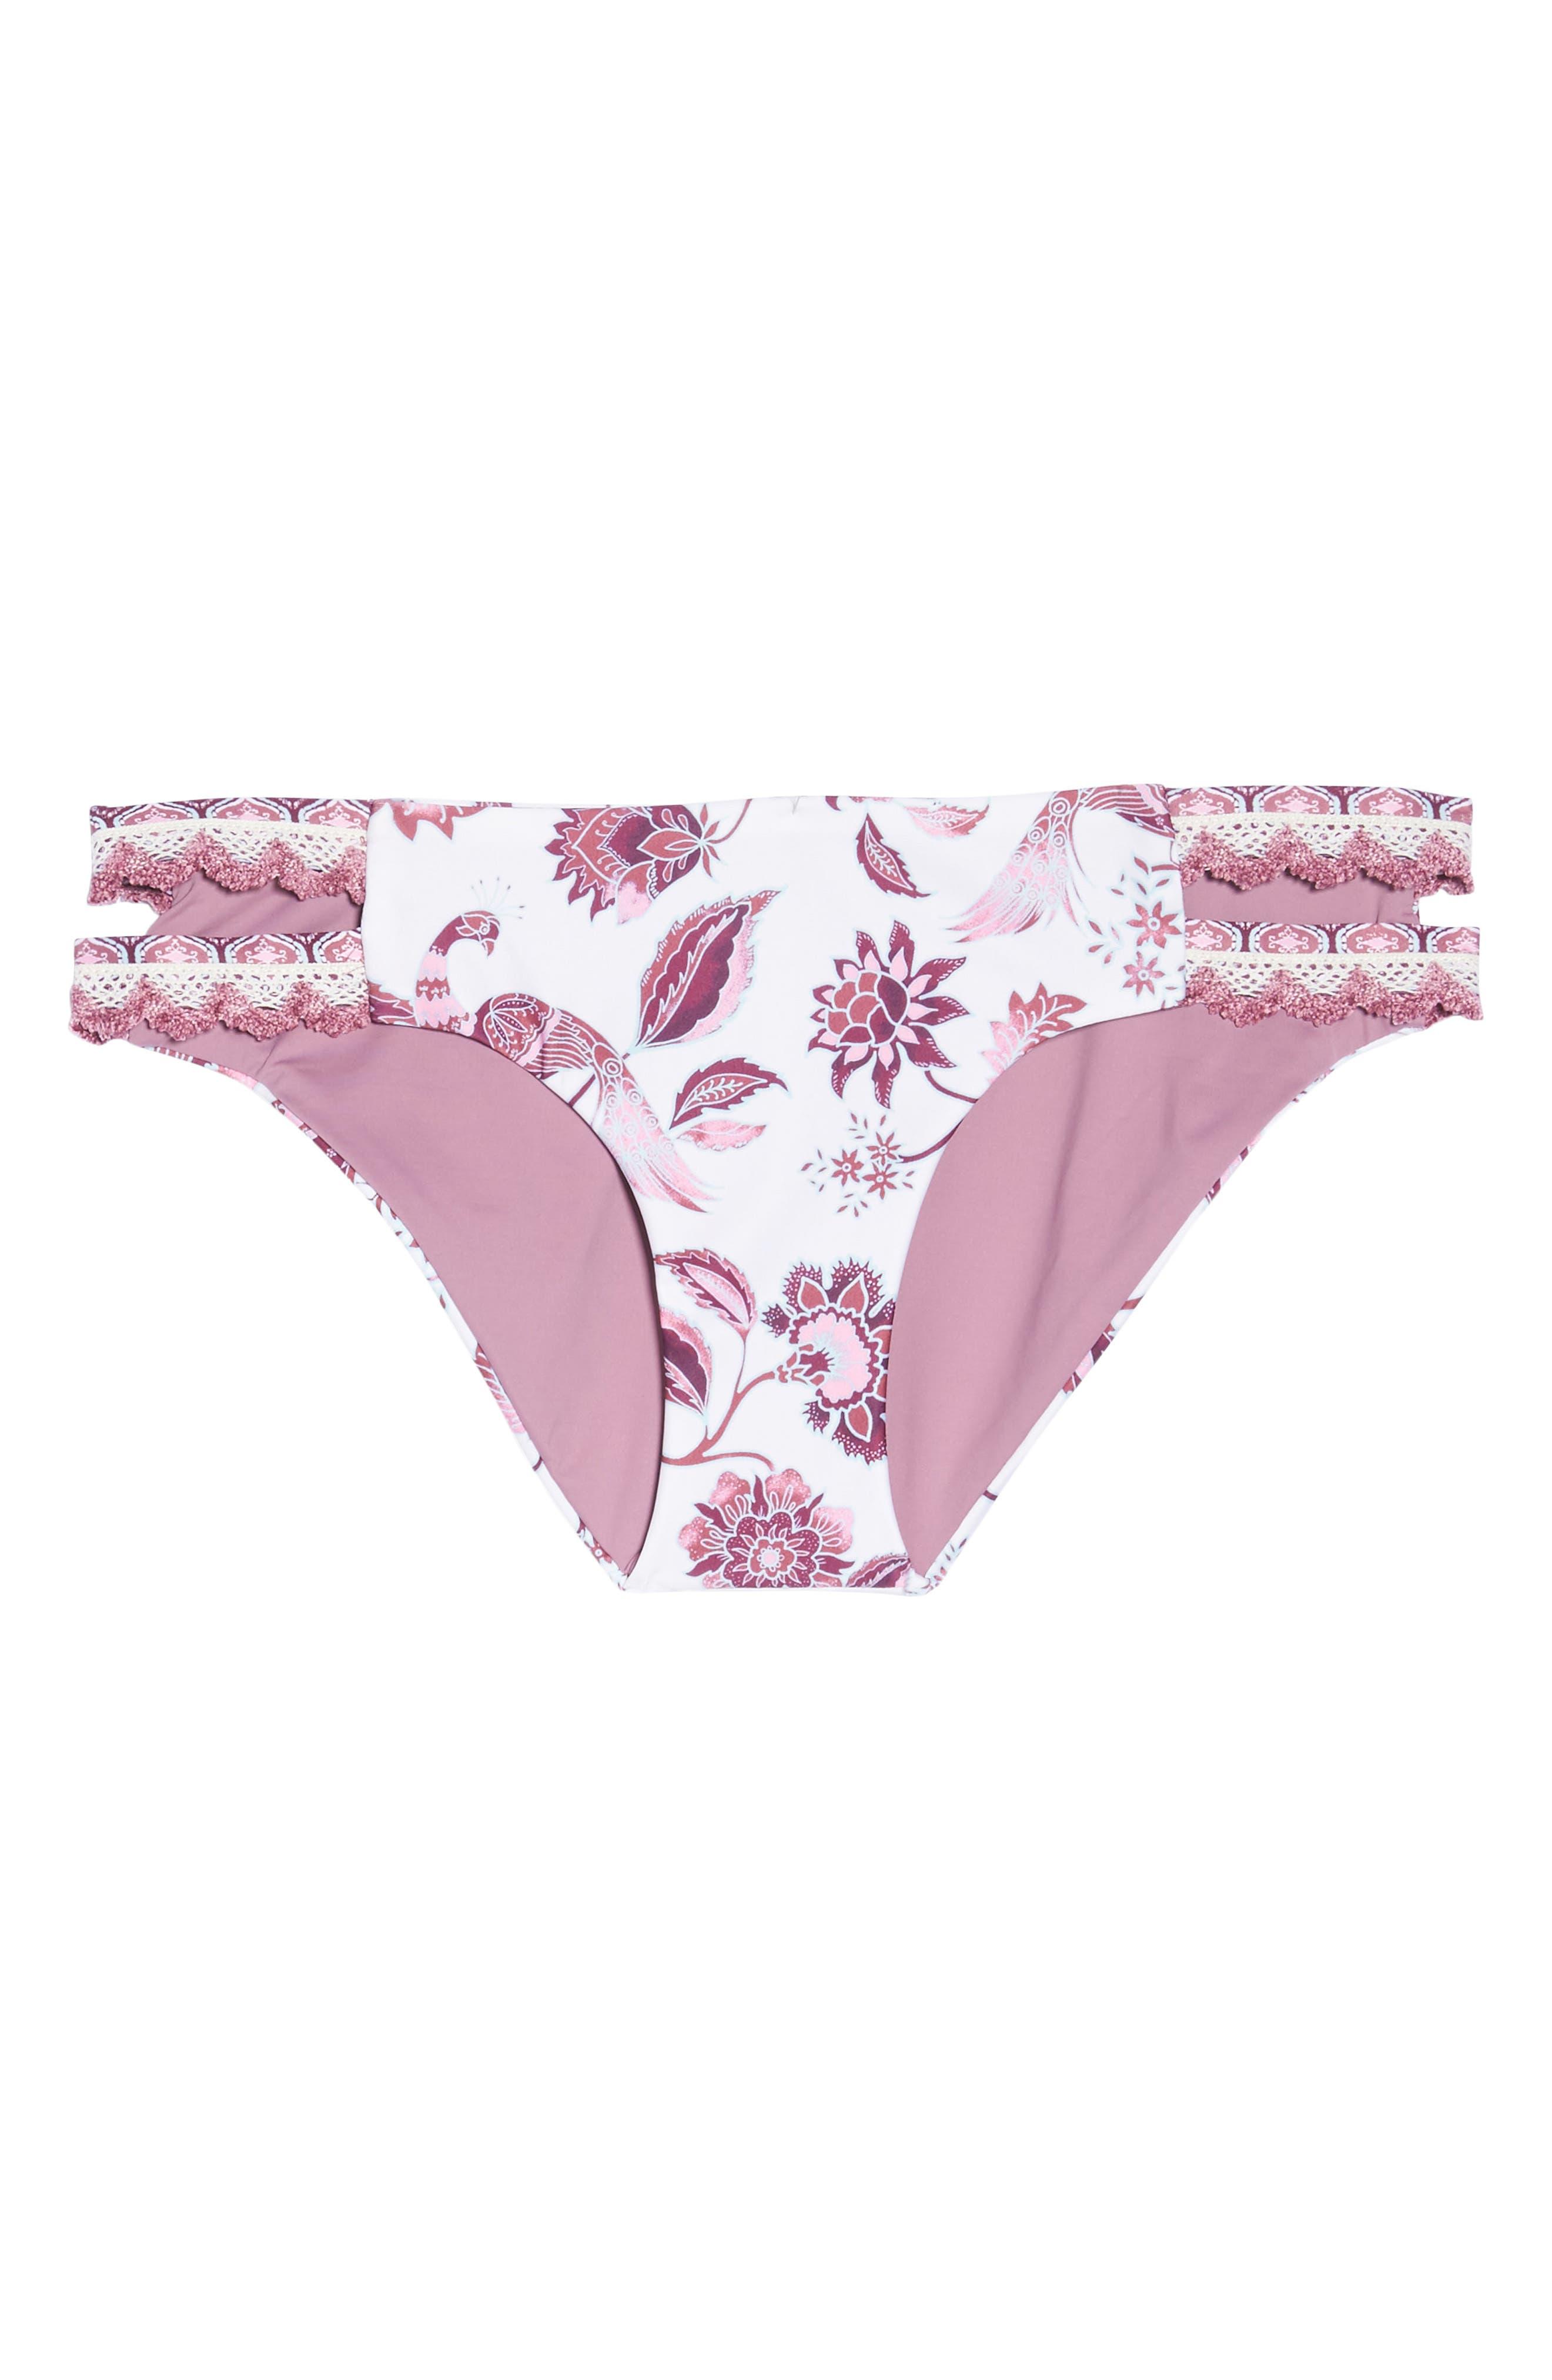 Tahiti Split Tab Hipster Bikini Bottoms,                             Alternate thumbnail 7, color,                             White/ Pink Multi